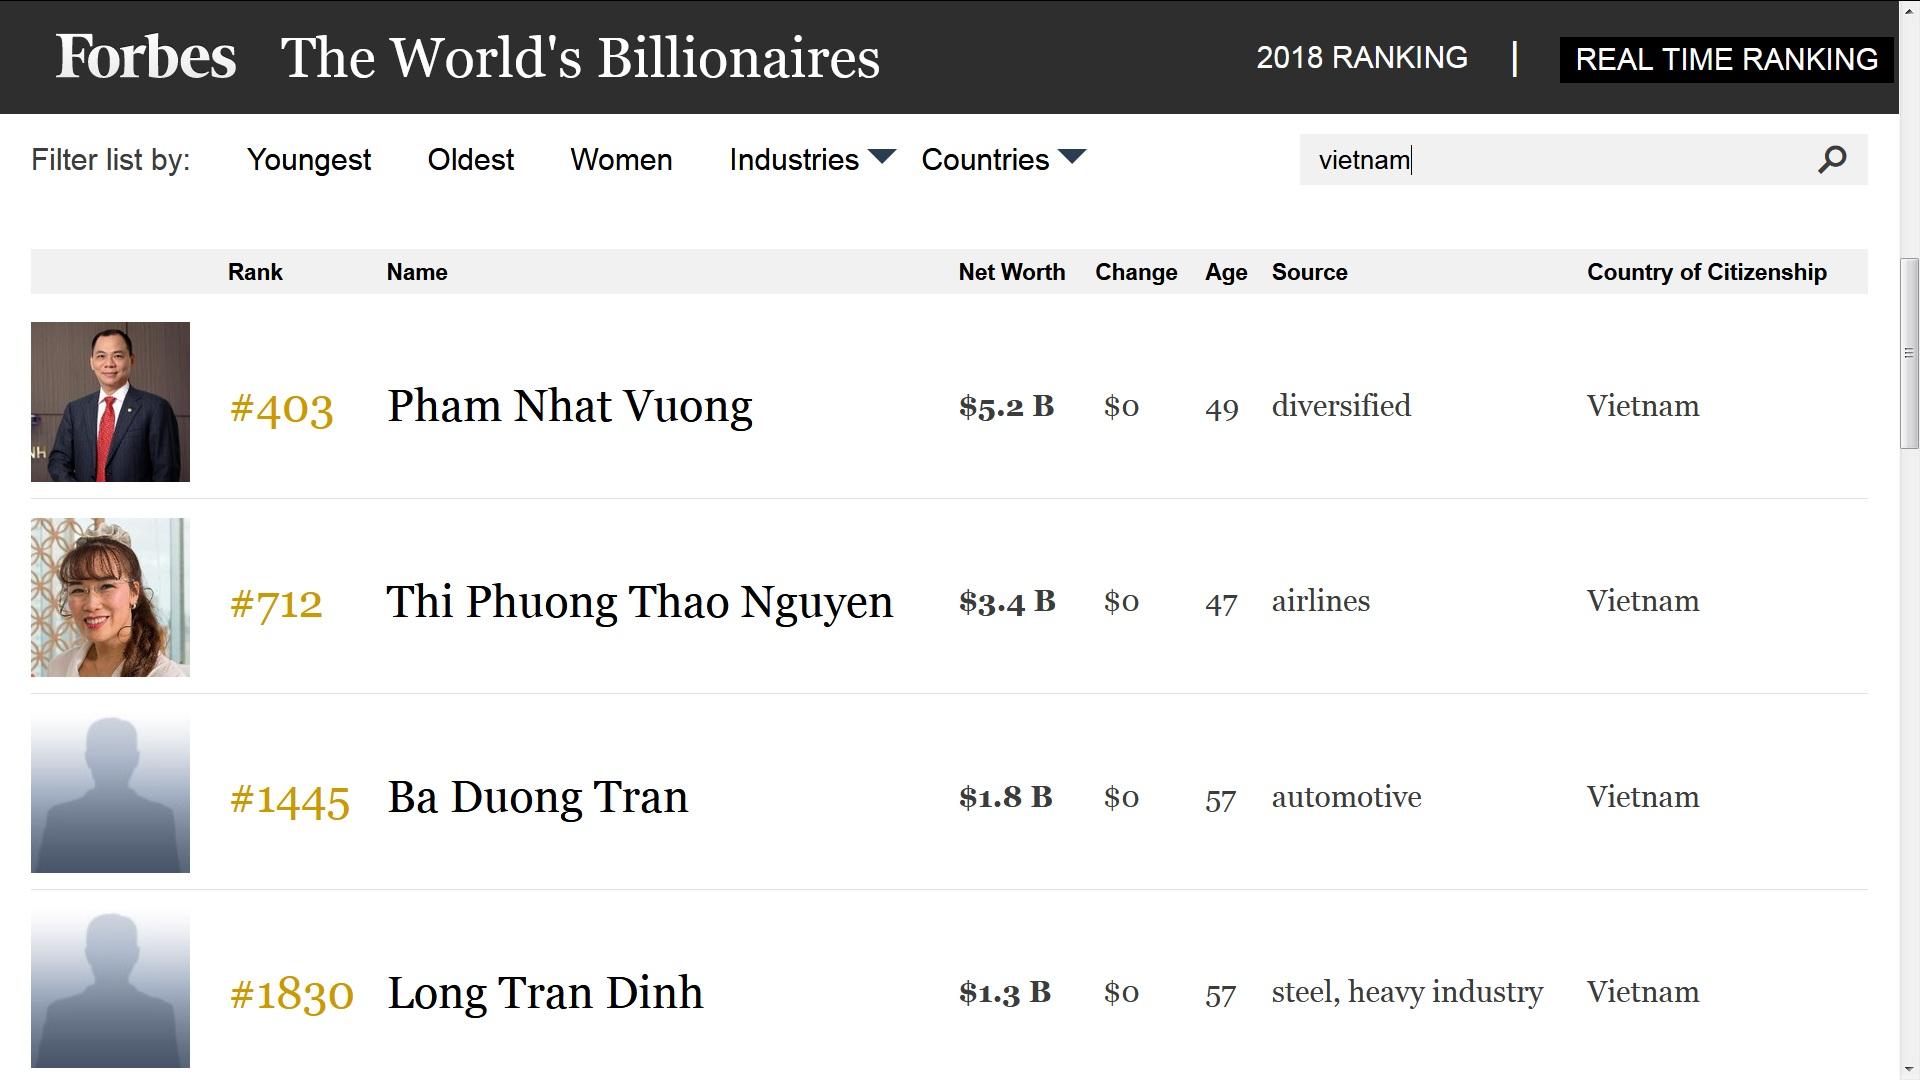 Nhung dieu it biet ve ty phu USD giau thu 4 Viet Nam hinh anh 1 Việt Nam có thêm 2 tỷ phú USD mới trong danh sách Tạp chí Forbes công bố. Nguồn: Forbes.